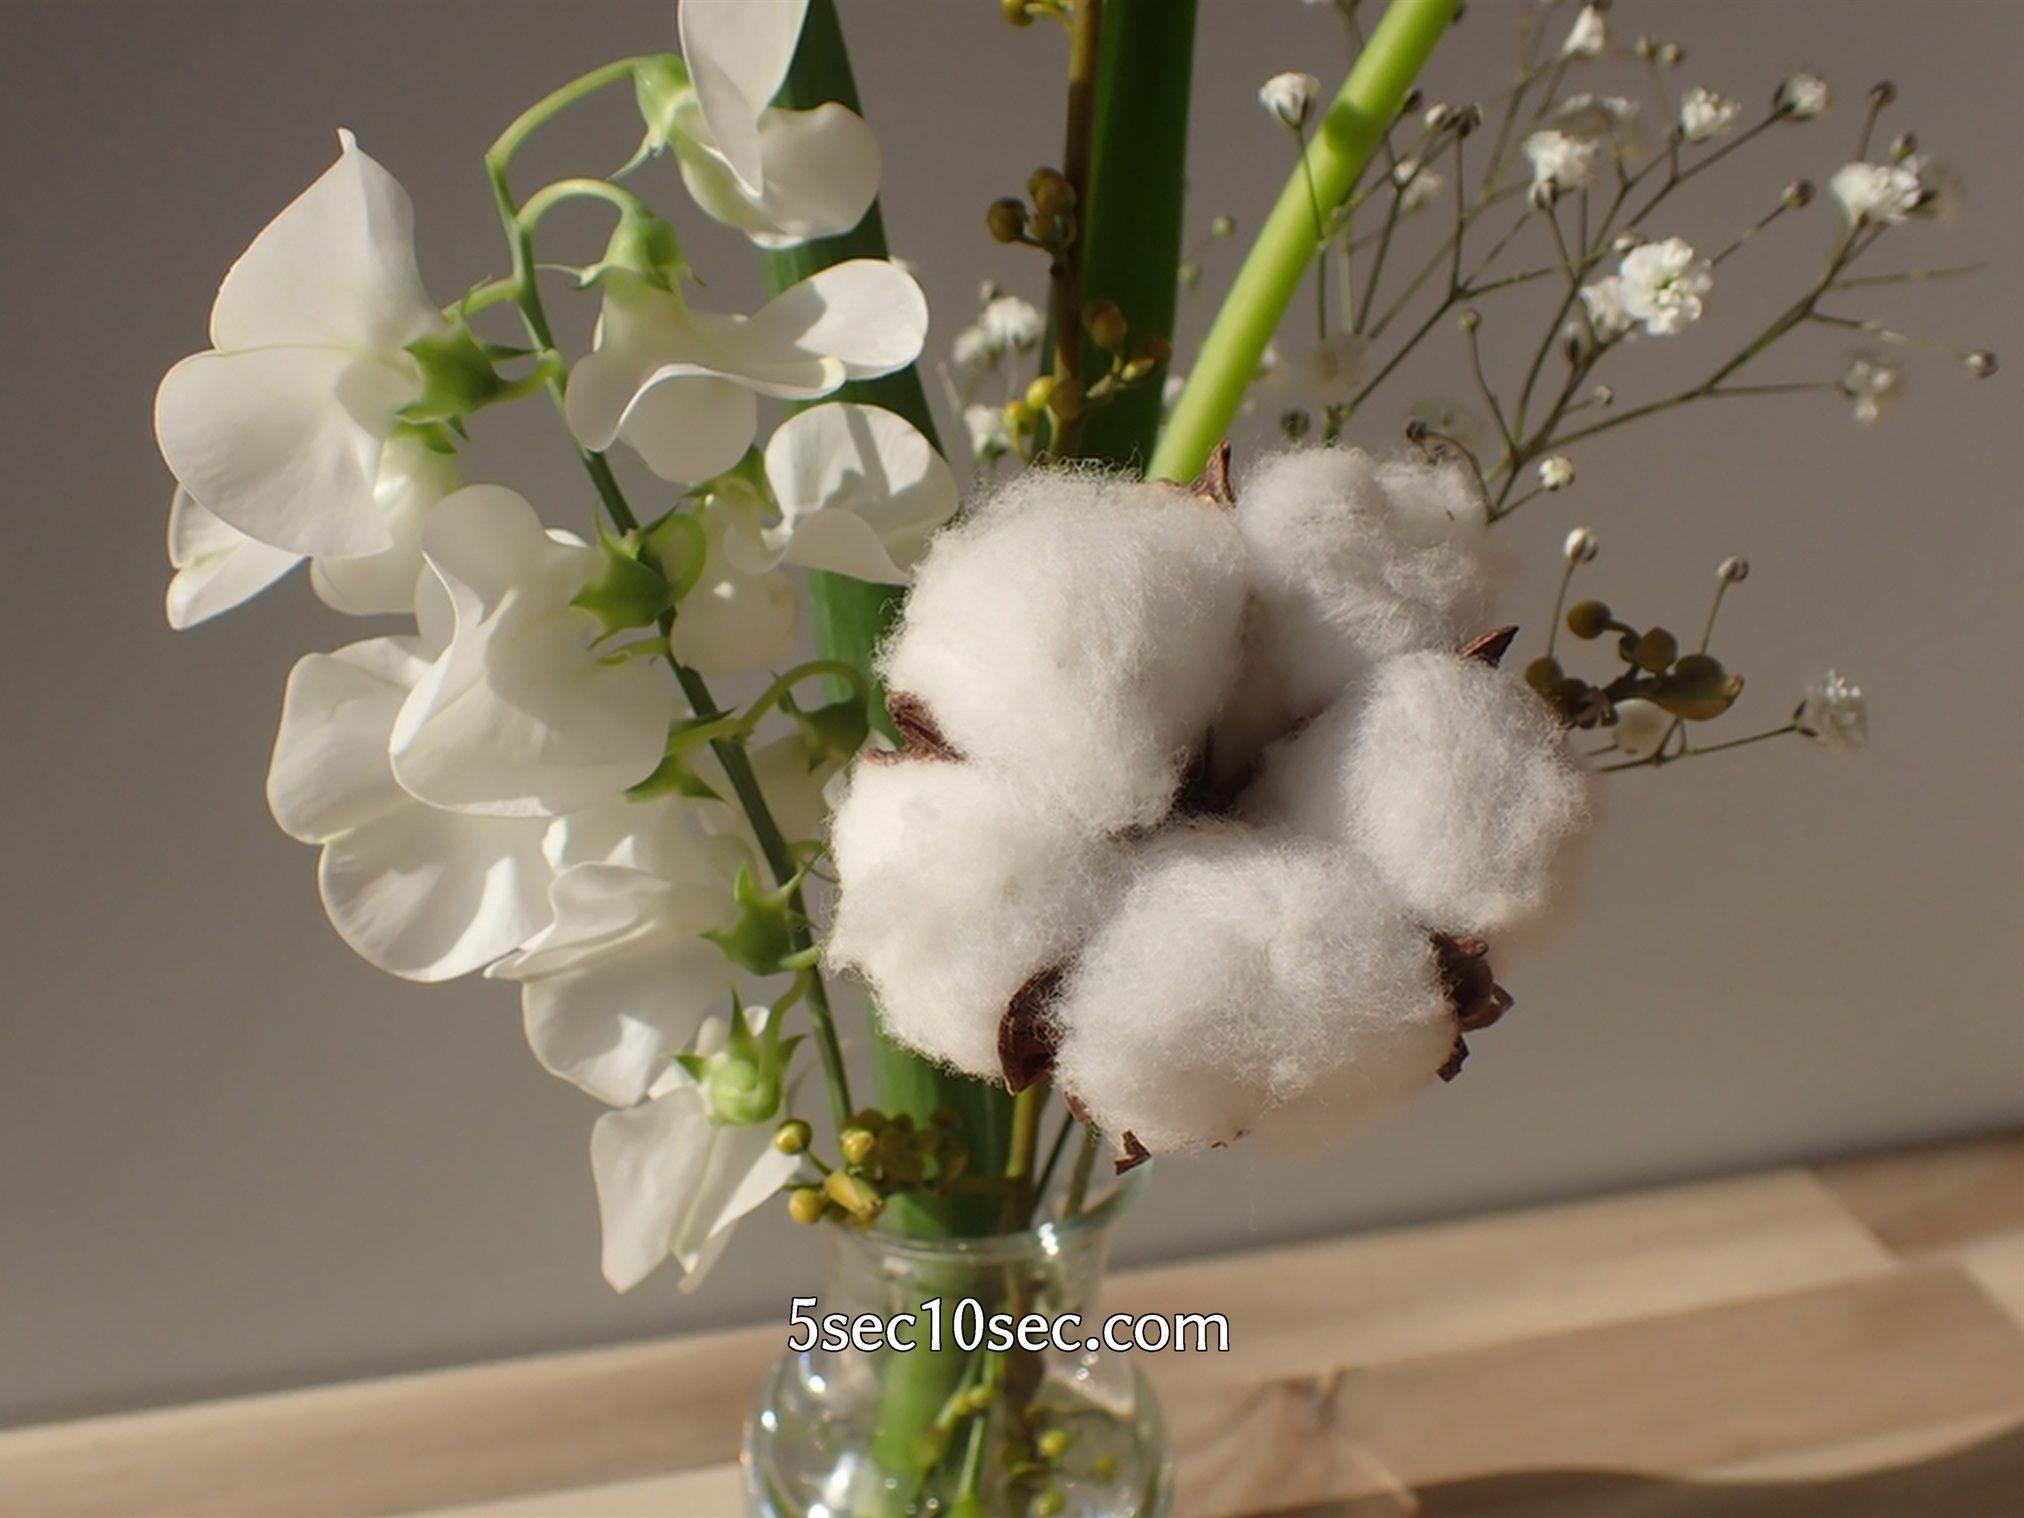 株式会社Crunch Style お花の定期便 Bloomee LIFE ブルーミーライフ 6日目、コットンフラワーがふわふわと可愛い